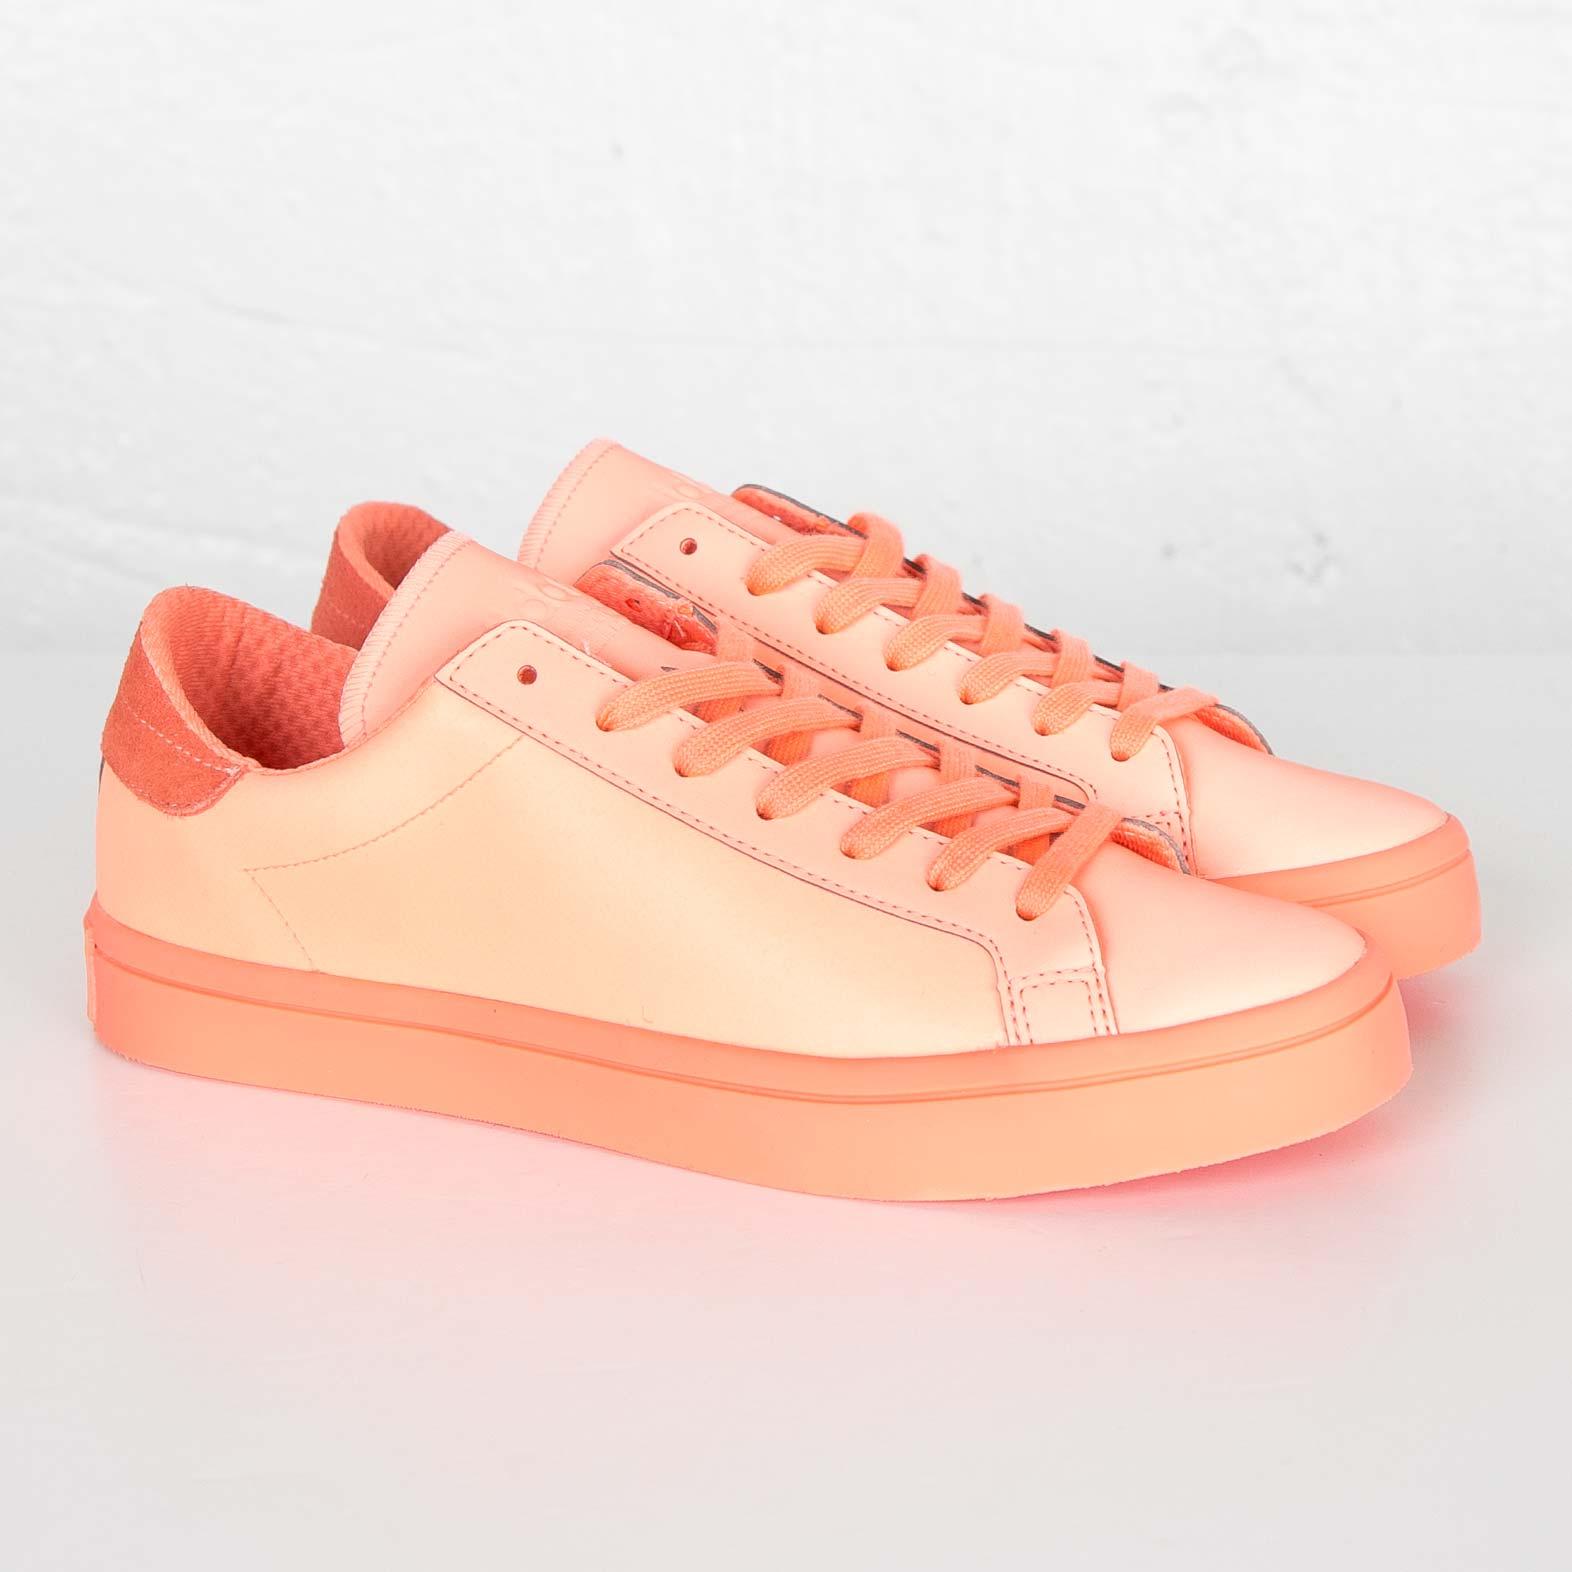 adidas corte vantage adicolor s80257 sneakersnstuff scarpe